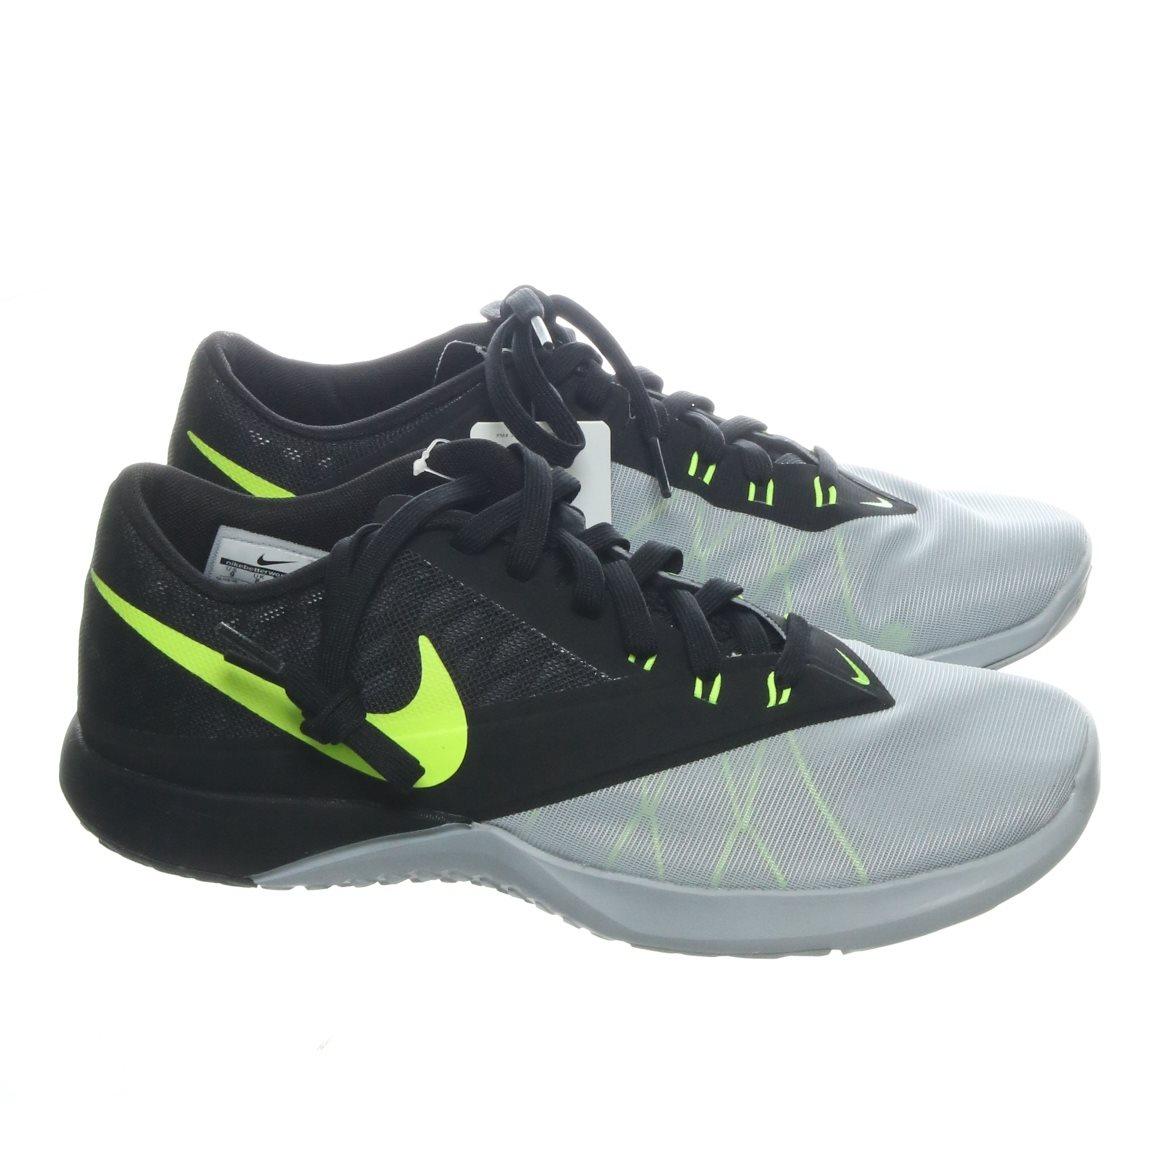 premium selection bb4d0 c6060 Nike Running, Springskor, Strl  42, Fs lite trainer 4, Grå